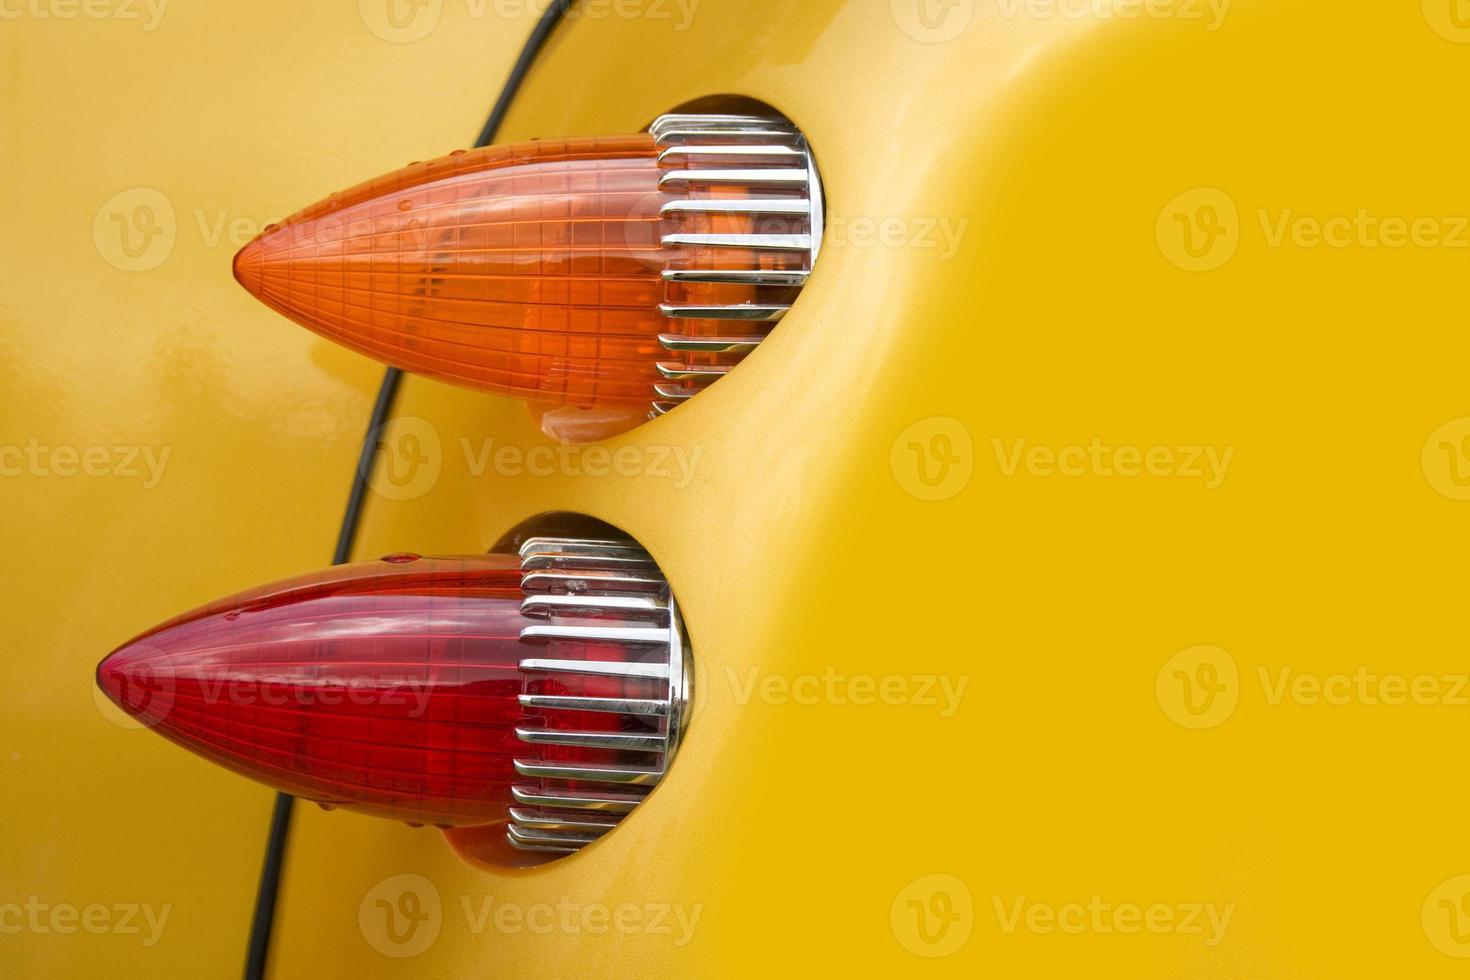 Autolichter foto